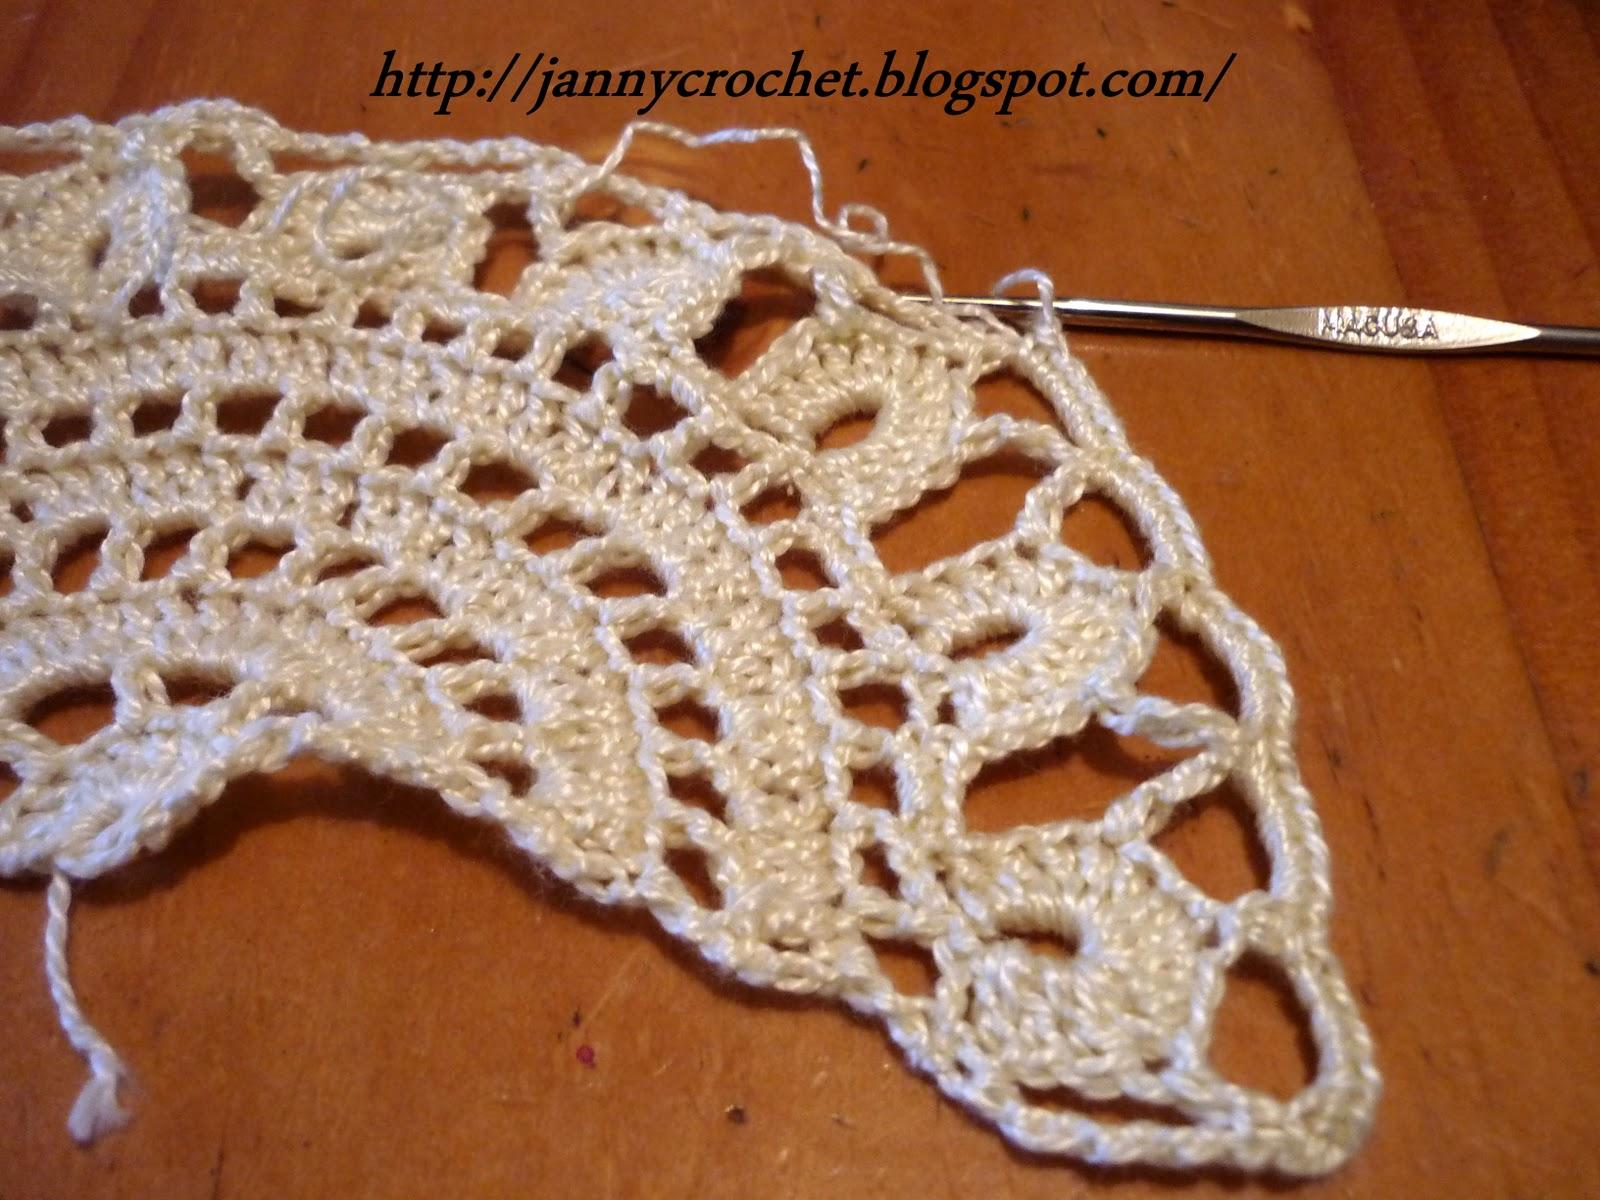 Janny crochet: Paso a paso 10 de la Polera Fusión